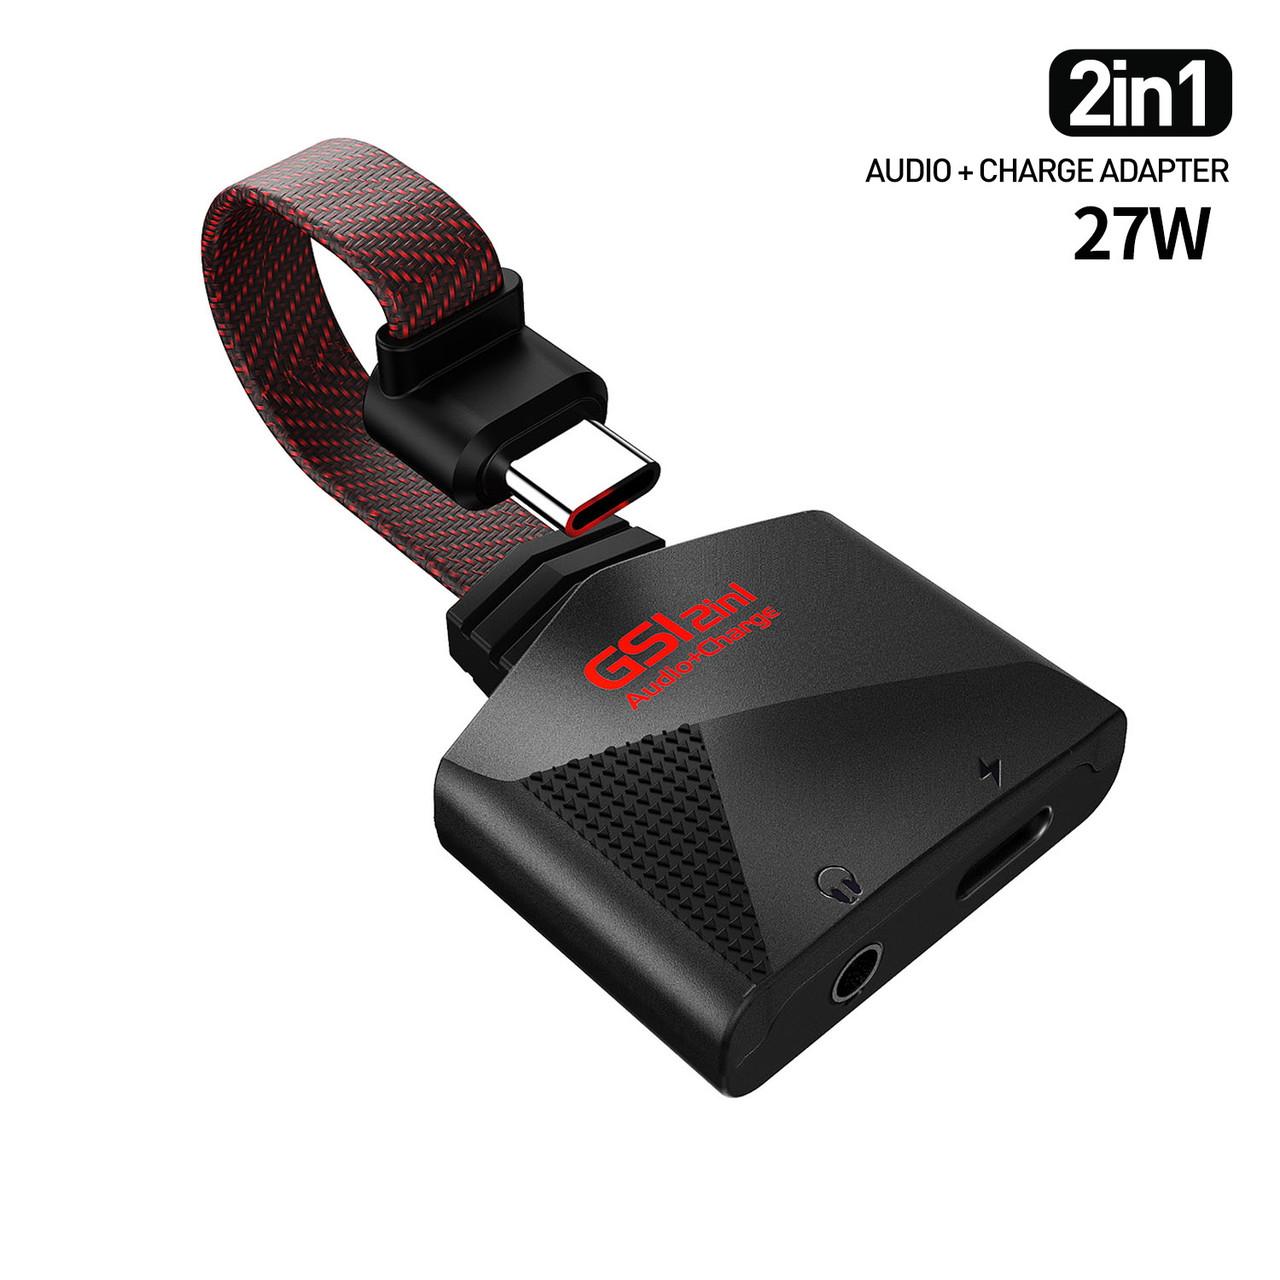 Аудіо адаптер Type-C на mini-jack 3.5 мм + Type-C перехідник спліттер для зарядки 27W PD 3.0 і навушників